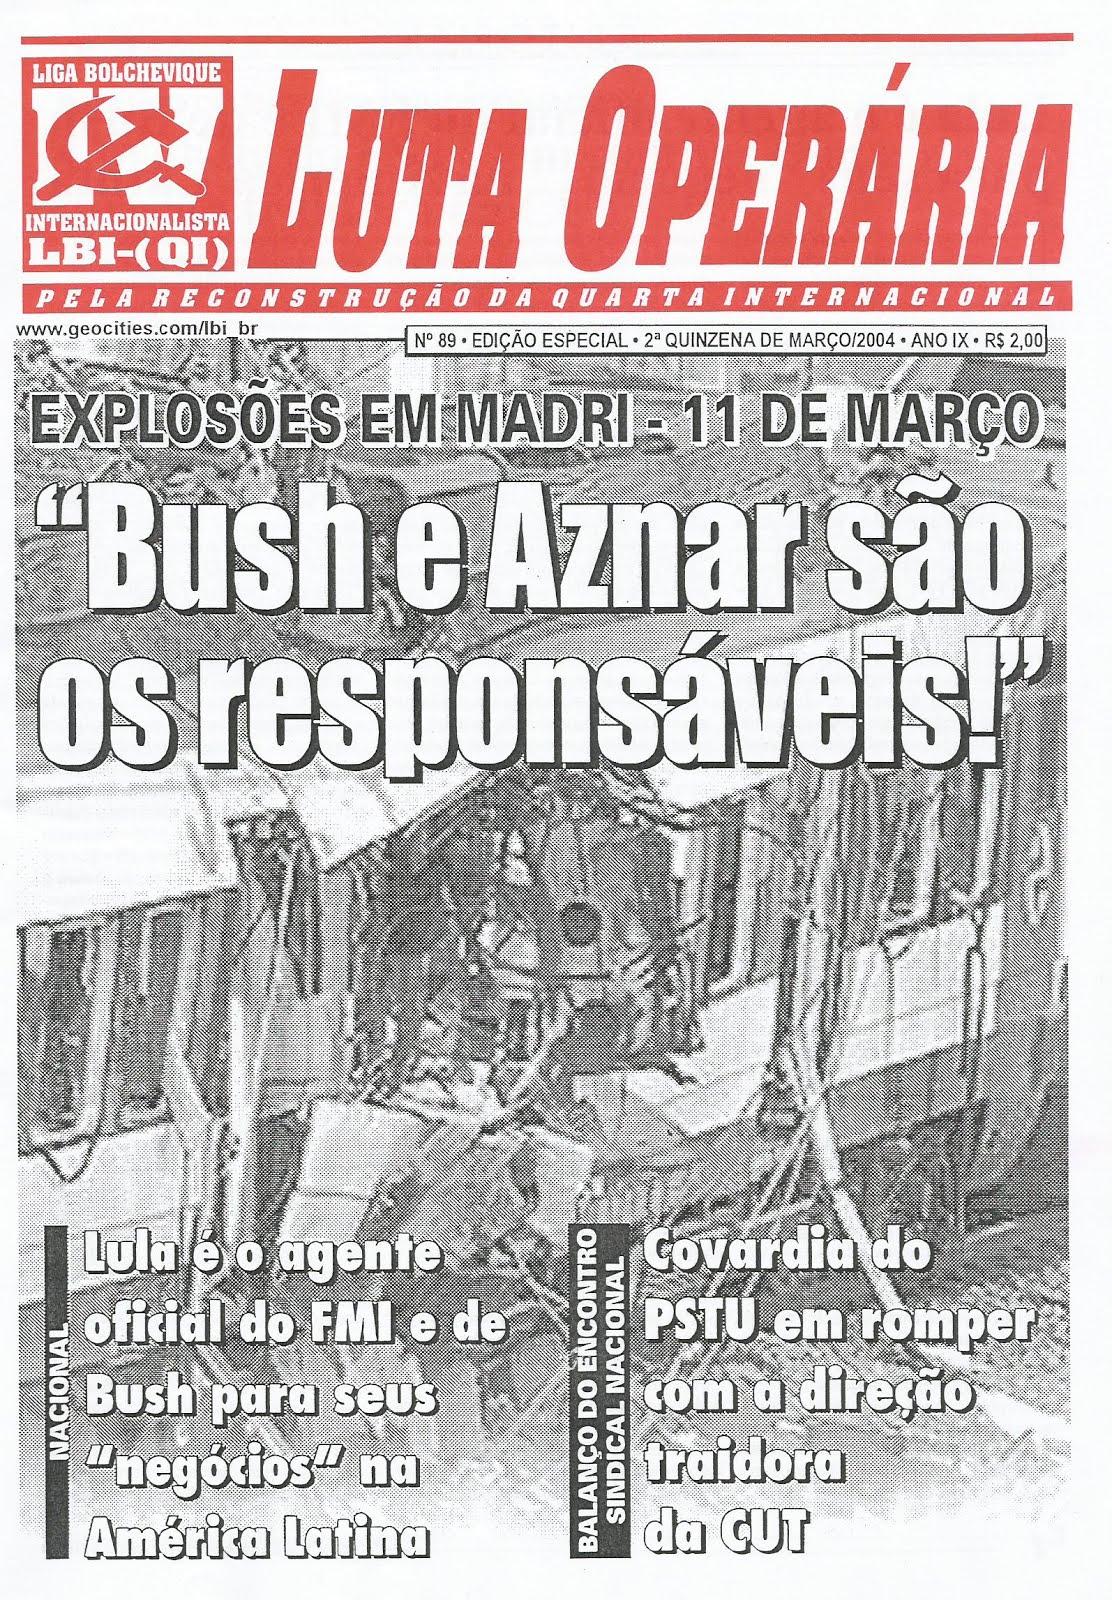 LEIA A EDIÇÃO DO JORNAL LUTA OPERÁRIA Nº89, 2ª QUINZENA DE MARÇO/2004